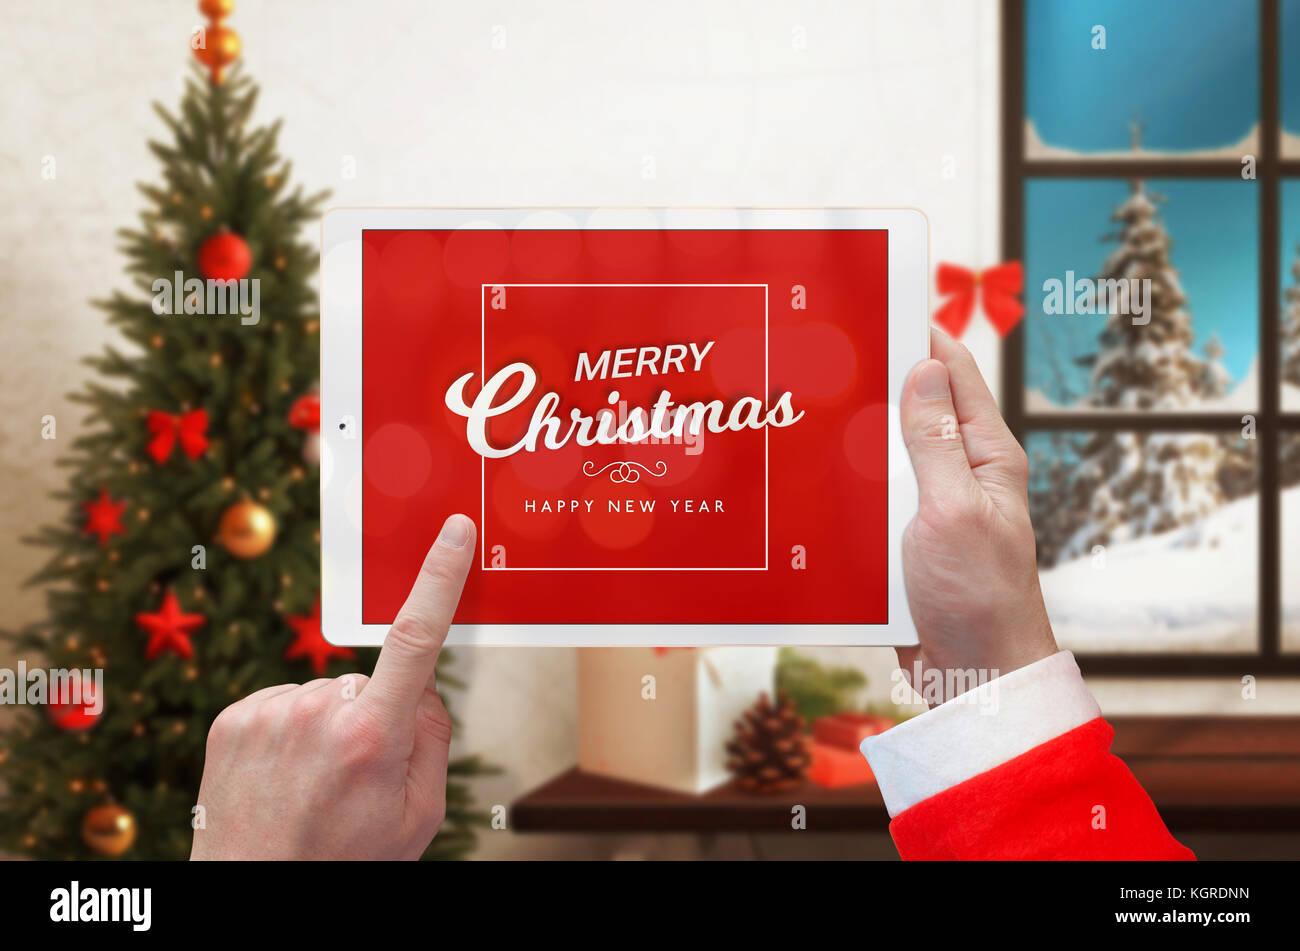 Christmas Card On Screen Tablet Stock Photos & Christmas Card On ...